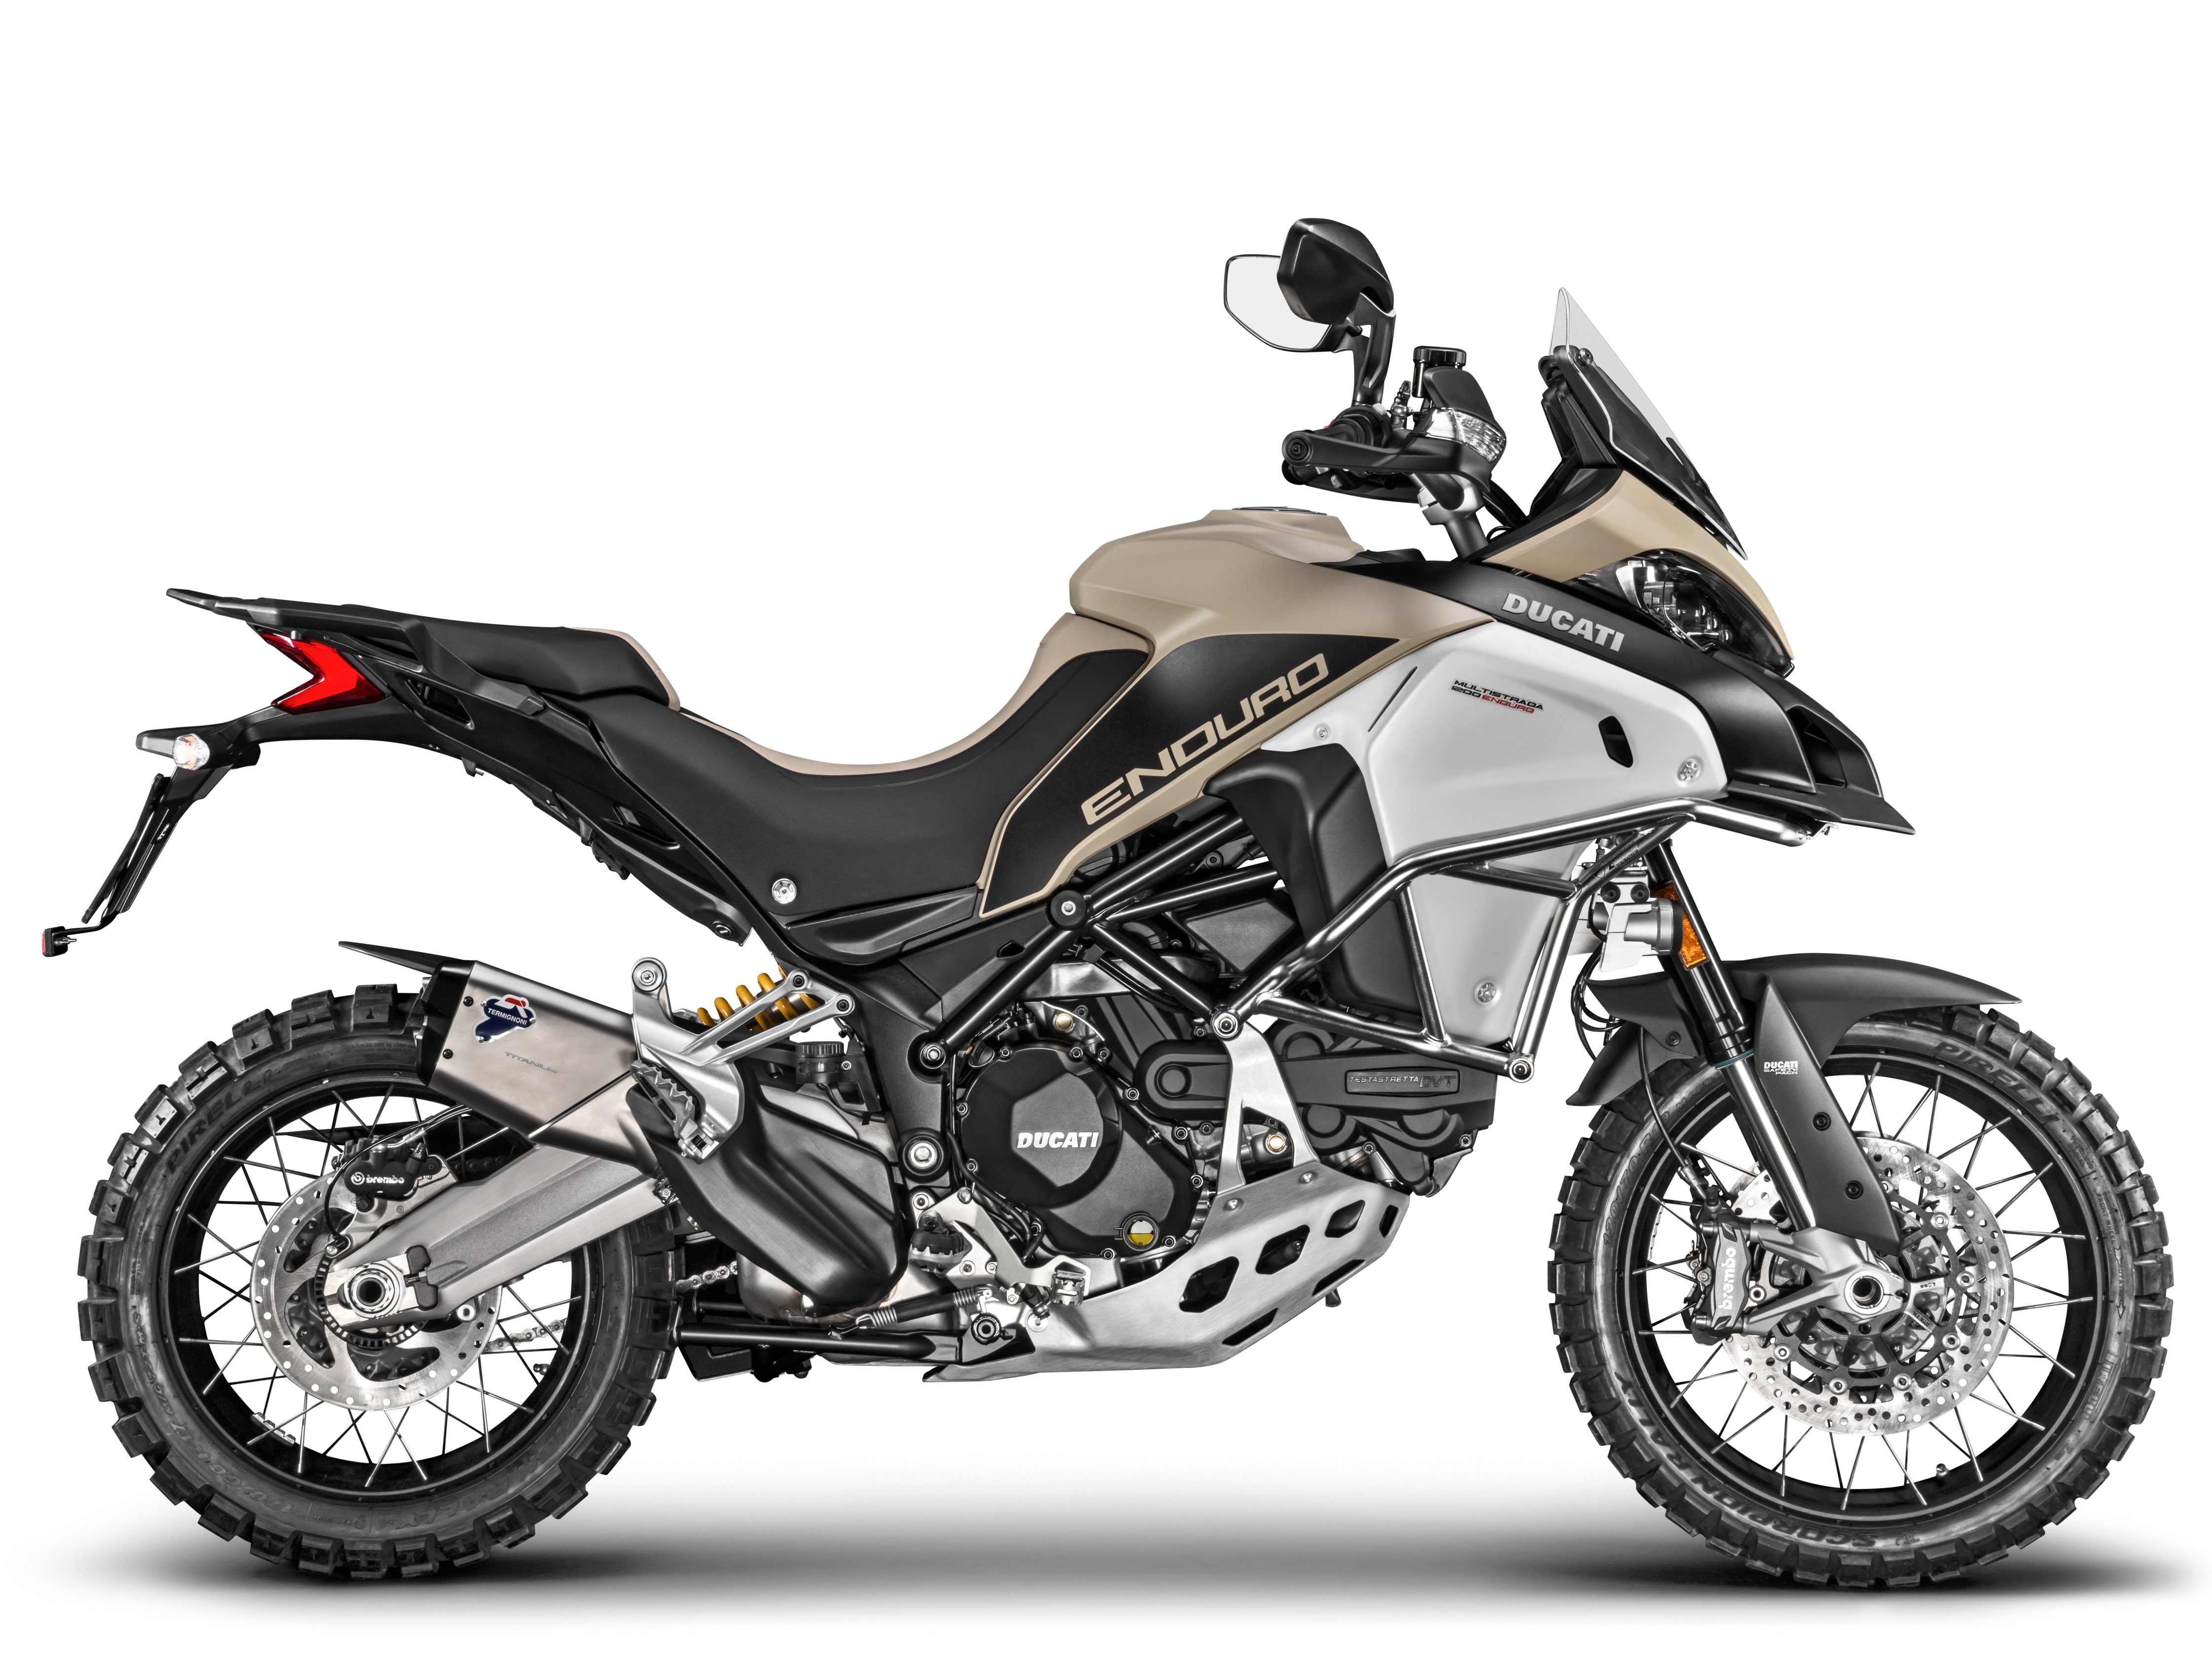 Мотоцикл DUCATI Multistrada 1200 Enduro Pro - Livery (2018)